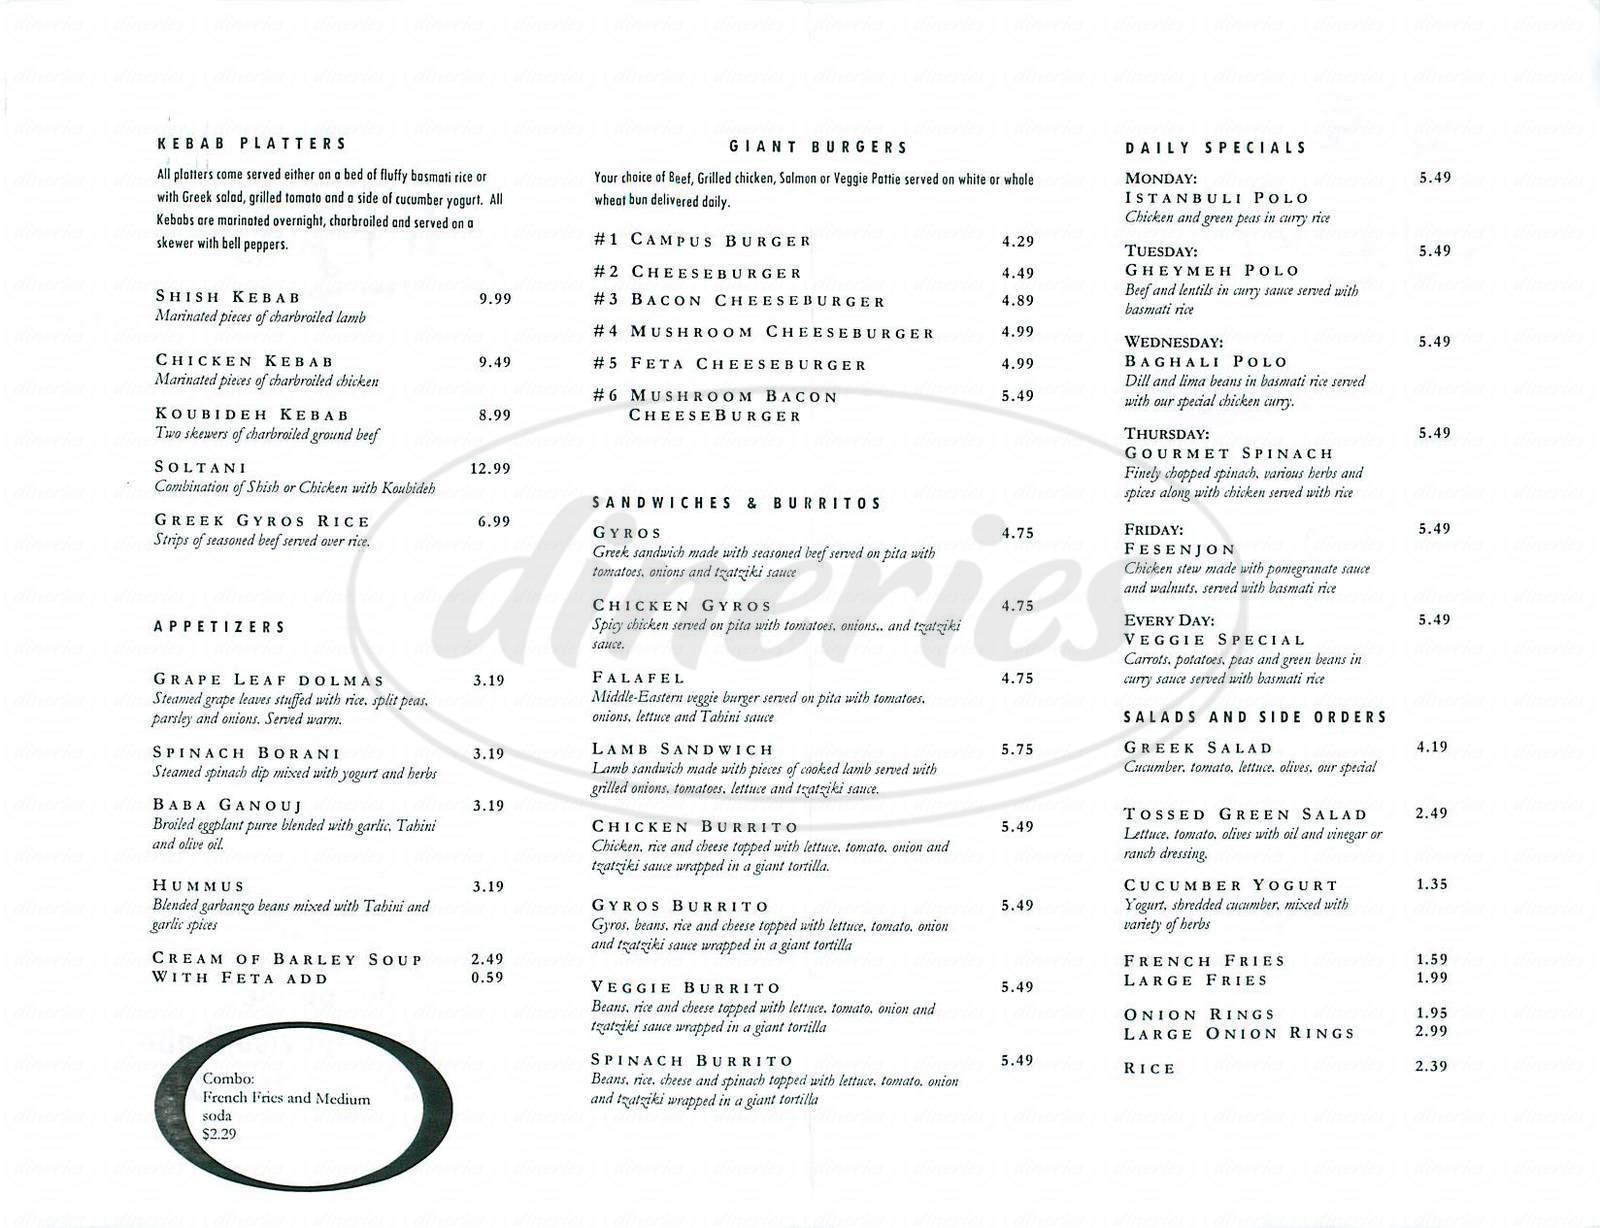 menu for Ali Baba